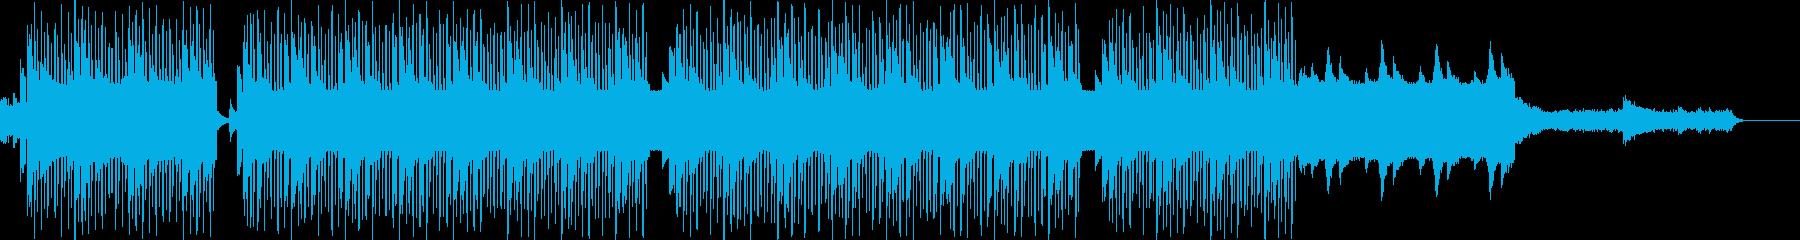 落ち着いたテンションの曲の再生済みの波形